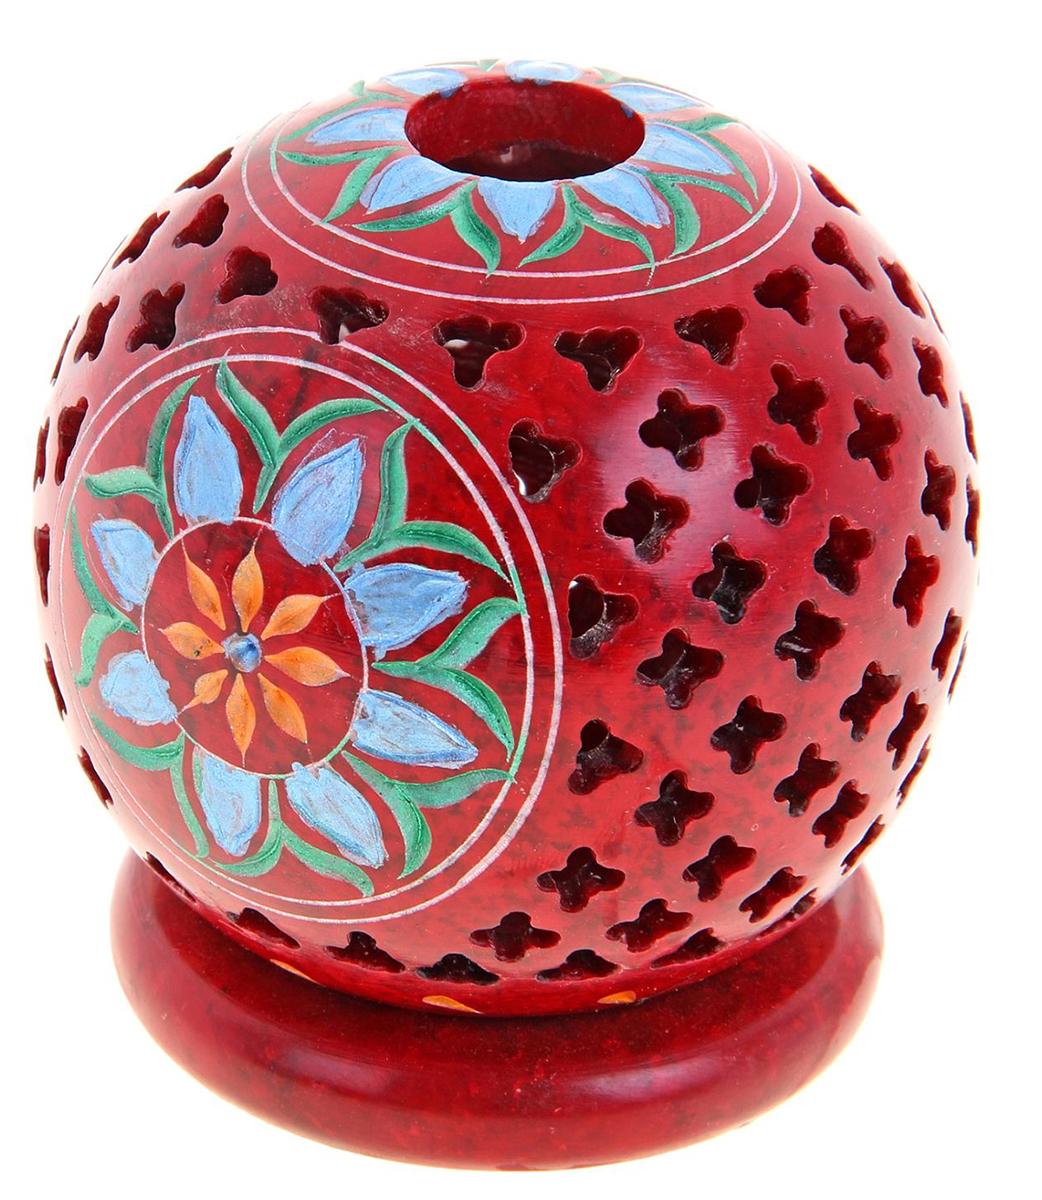 """Искусные индийские мастера выполнили Подсвечник-шар """"Солнечный цветок"""", резной из стеатита в соответствии с древними традициями обработки камня. Посмотрите на узор этого прекрасного изделия, от него невозможно оторвать свой взгляд, проработано все до мельчайших деталей. Вы также можете вставить в серединку ароматическую палочку, а если снять шар, то изумительный подсвечник легким движением руки превратится в подставку под благовония-конус или же подсвечник для толстых свечей.Универсальная вещь, которая придаст нотку азиатской экзотики в привычную обстановку."""